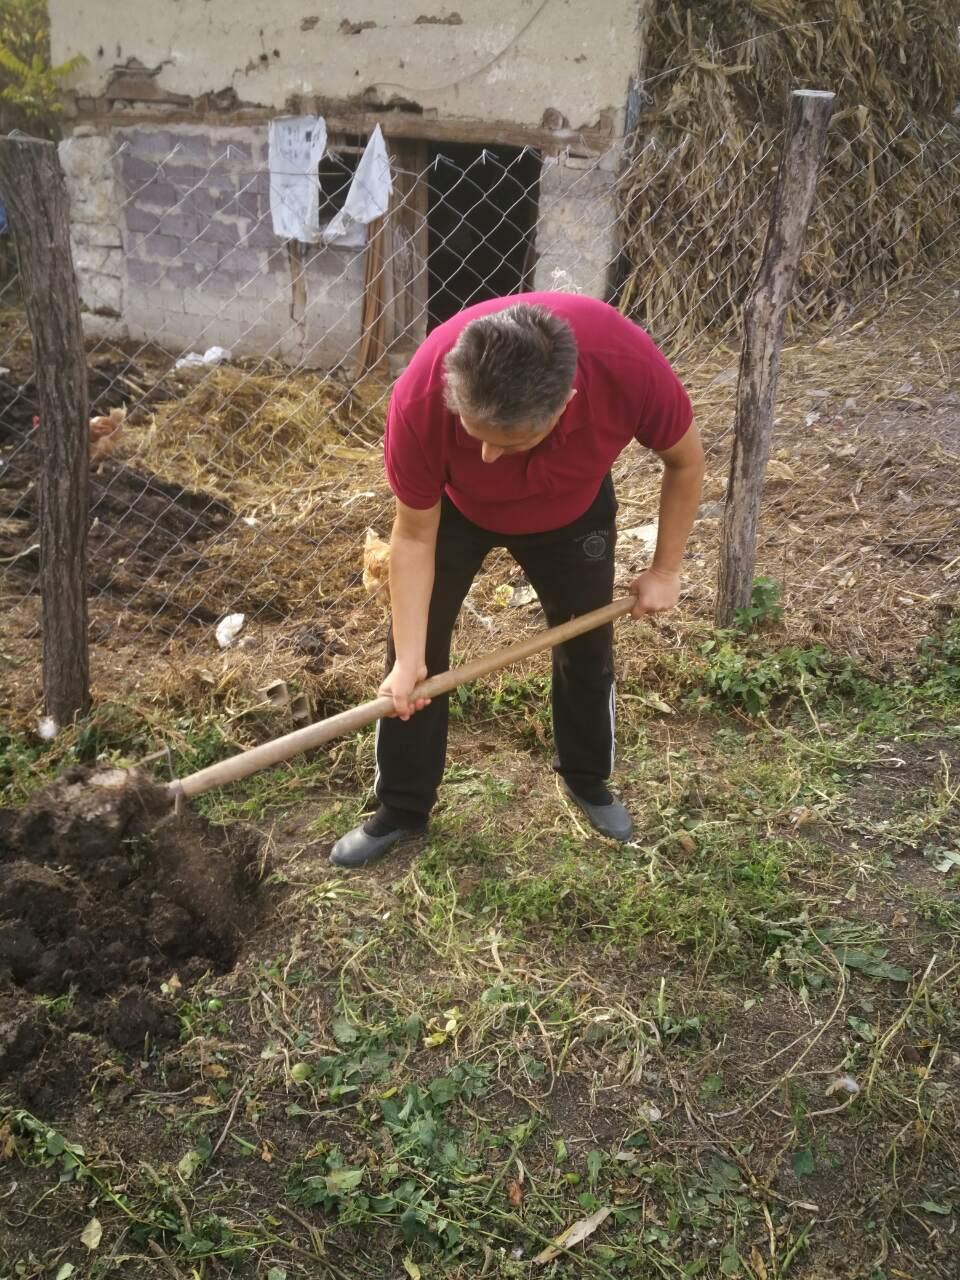 Poslanik zasukao rukave da bi obrađivao zemljište!